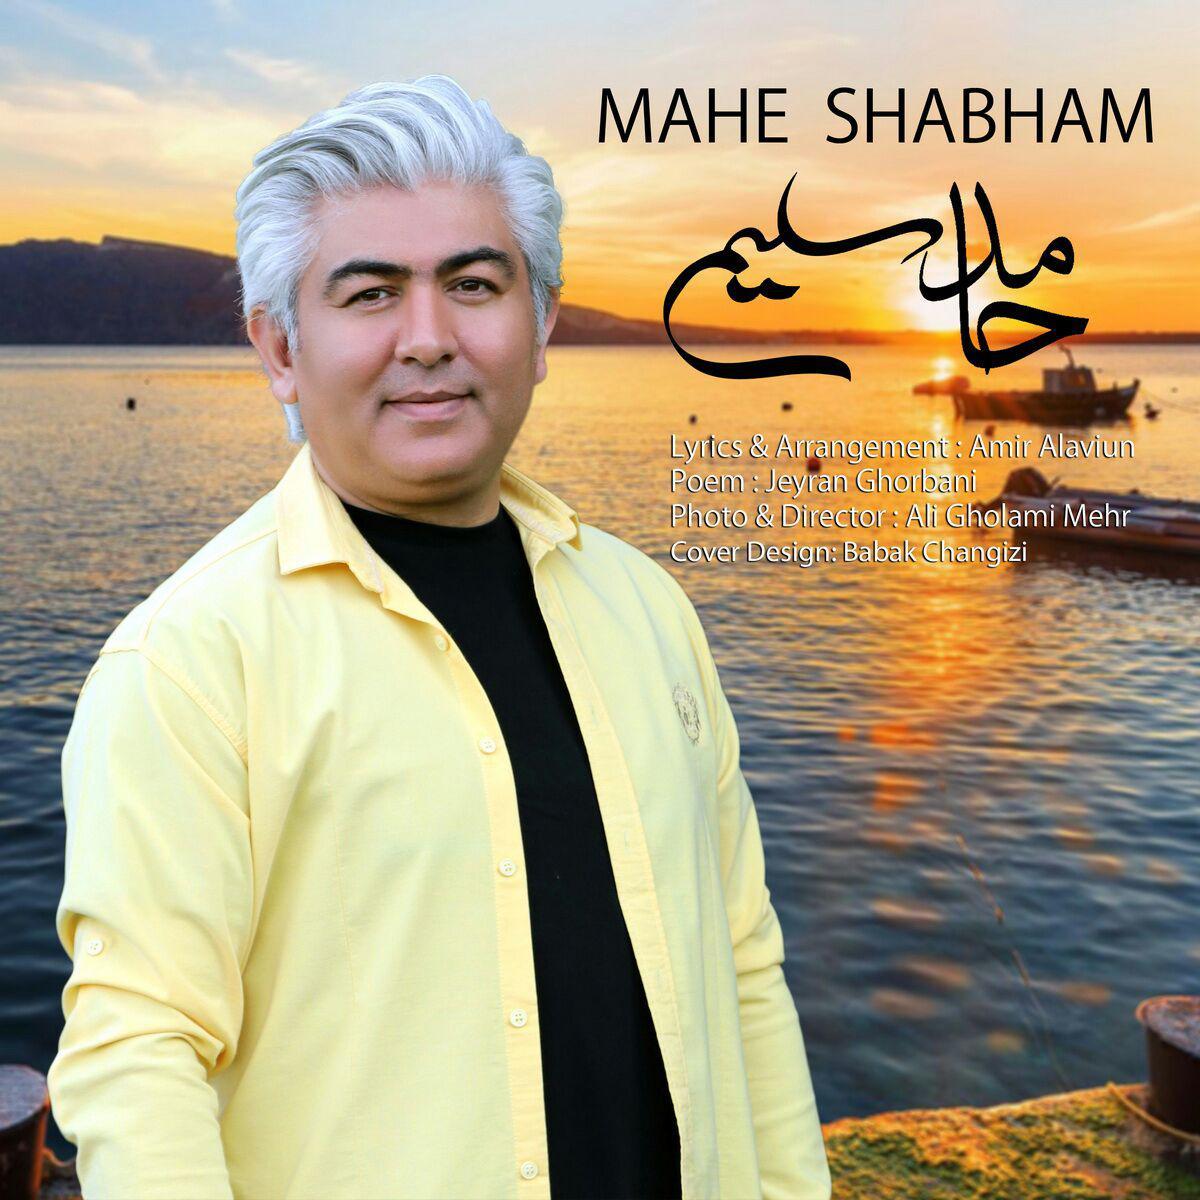 Hamed Salimi – Mahe Shabham